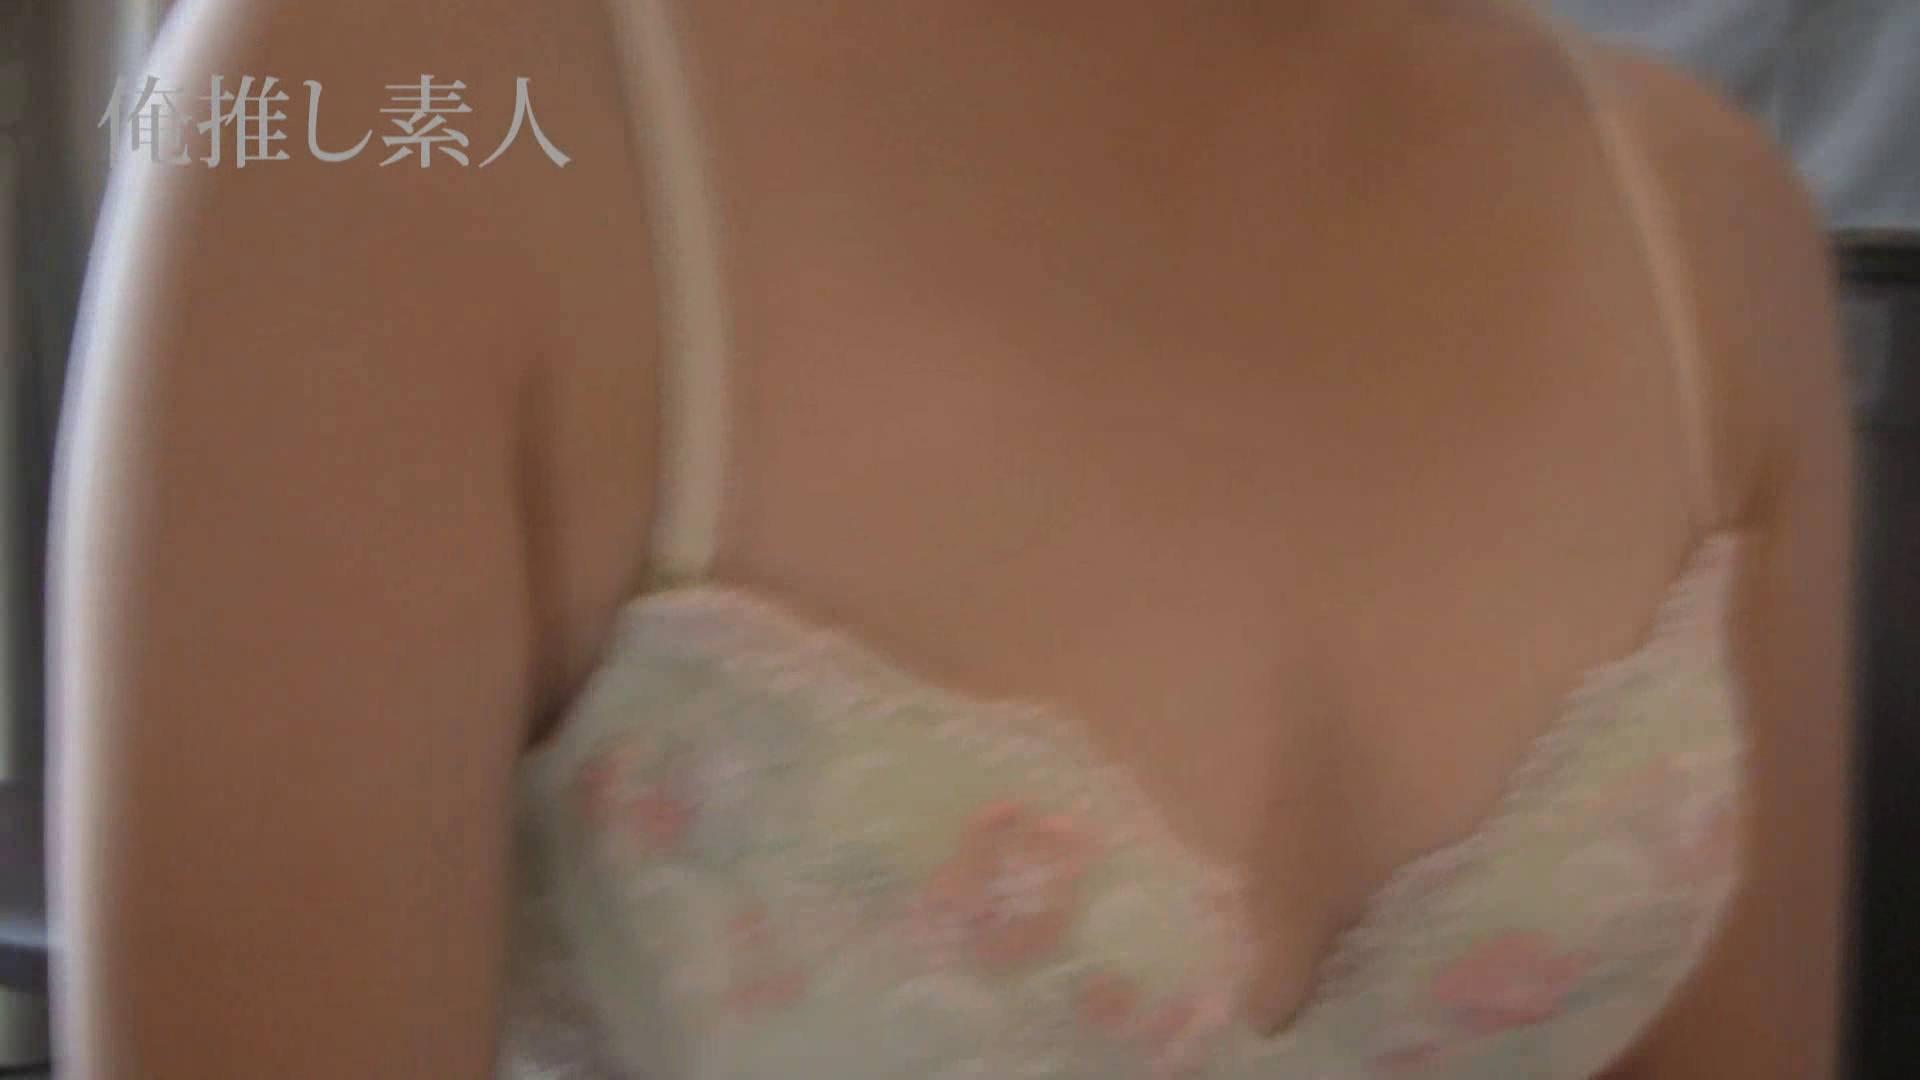 俺推し素人 キャバクラ嬢26歳久美vol5 OL | フェラ  63連発 8